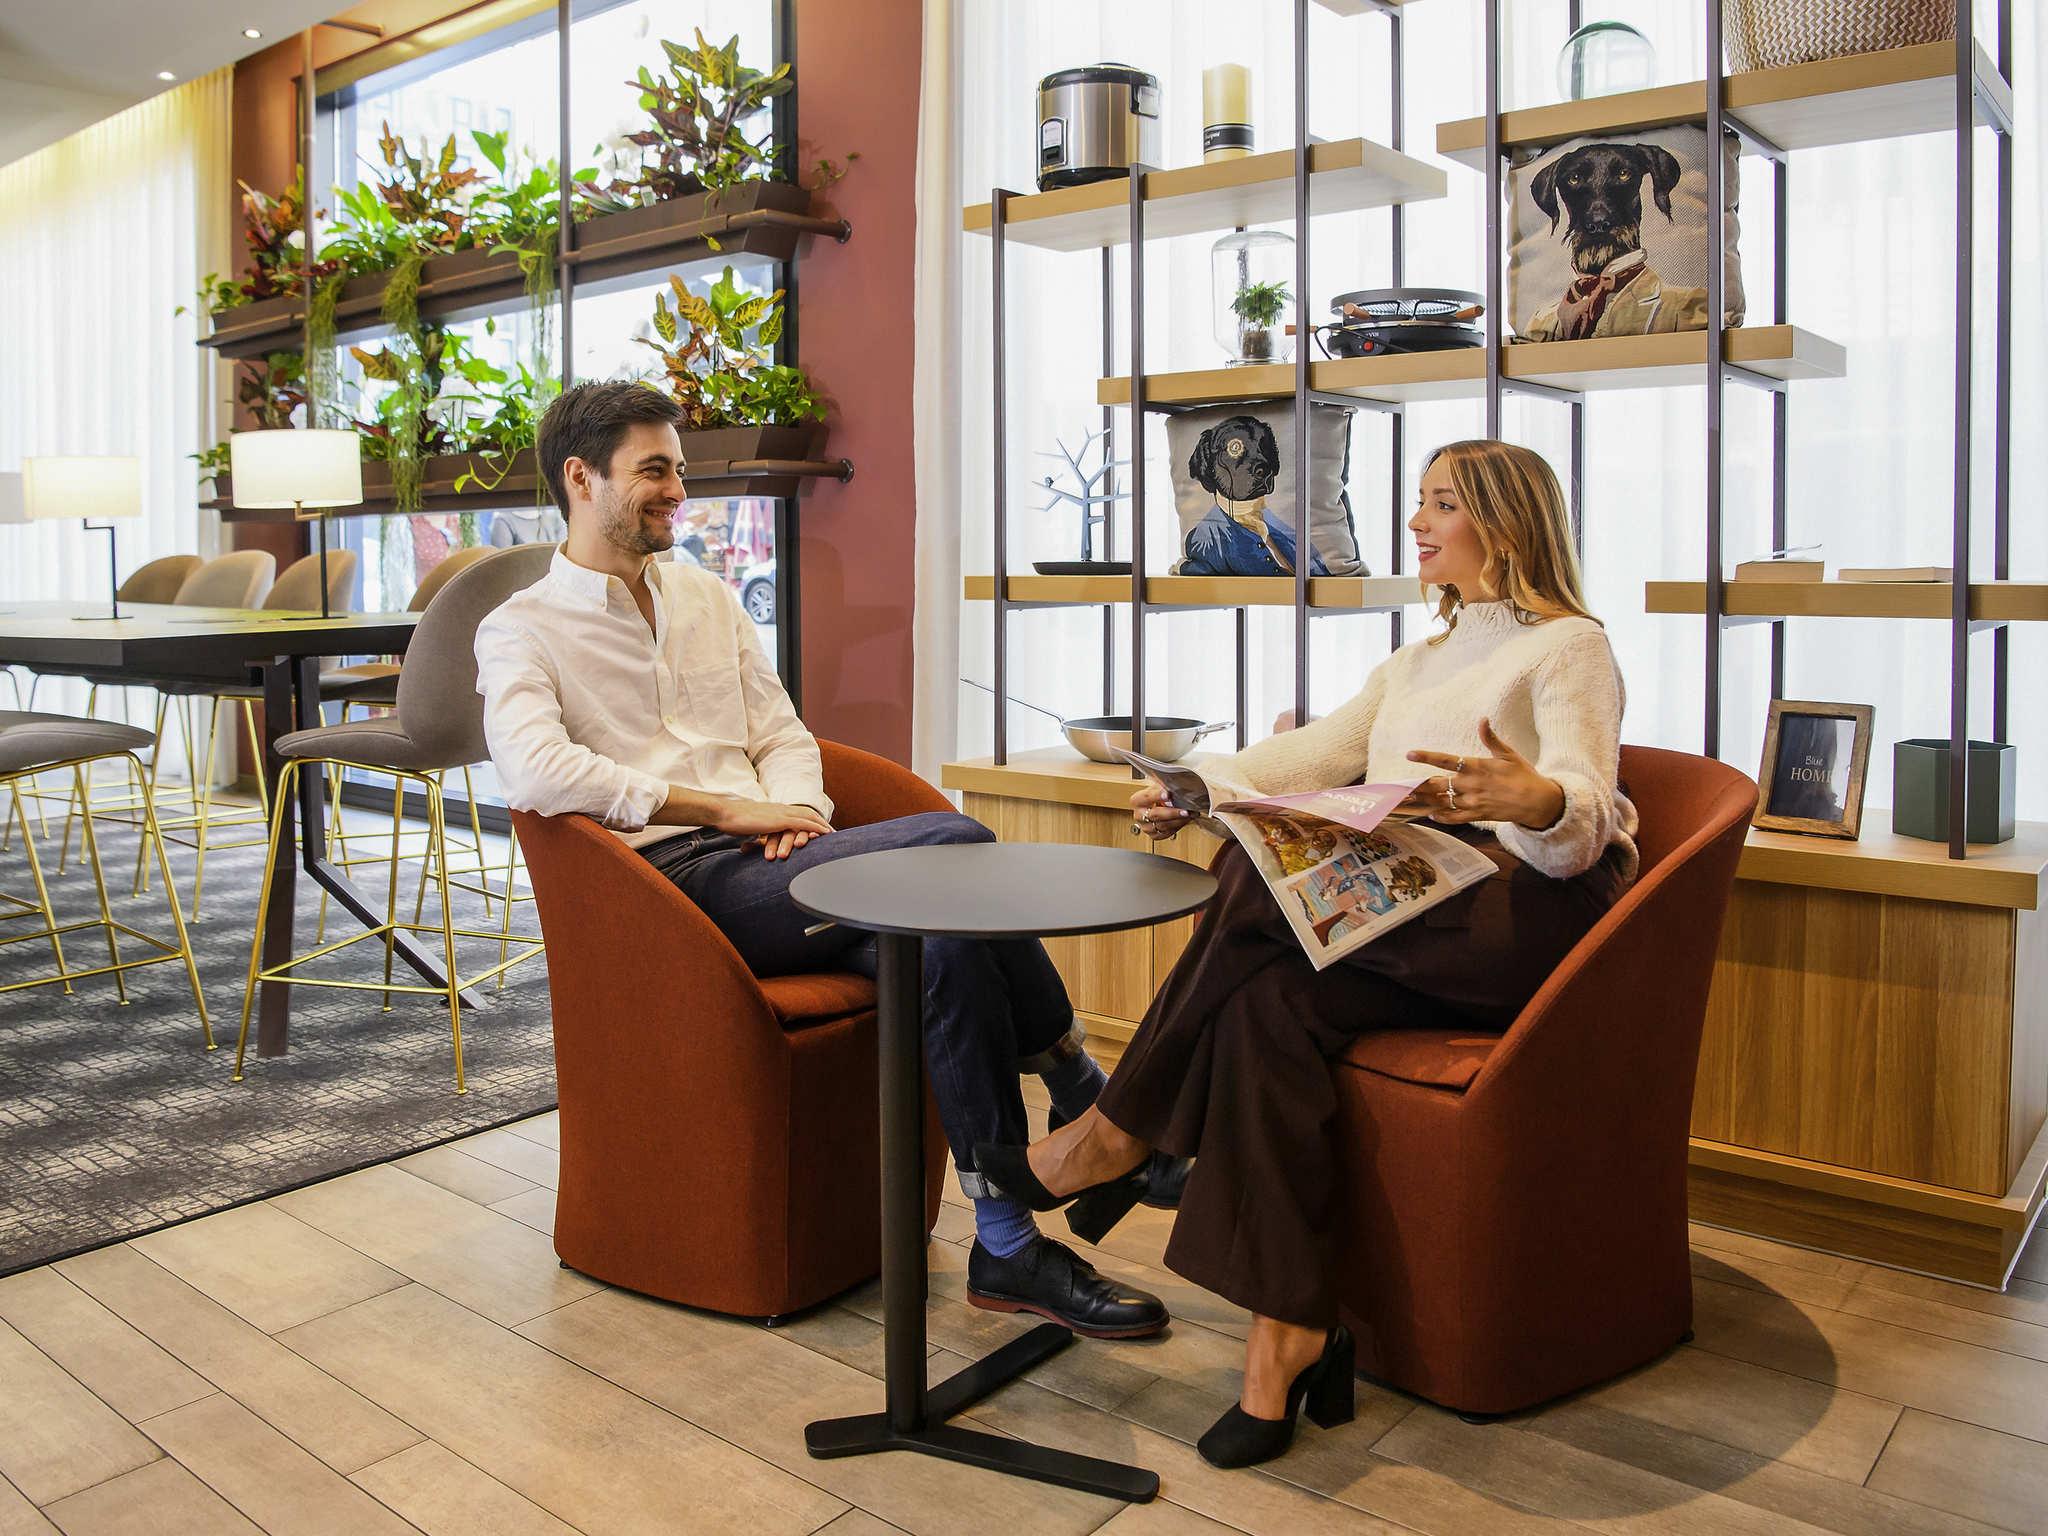 酒店 – 阿德吉奥慕尼黑城市酒店